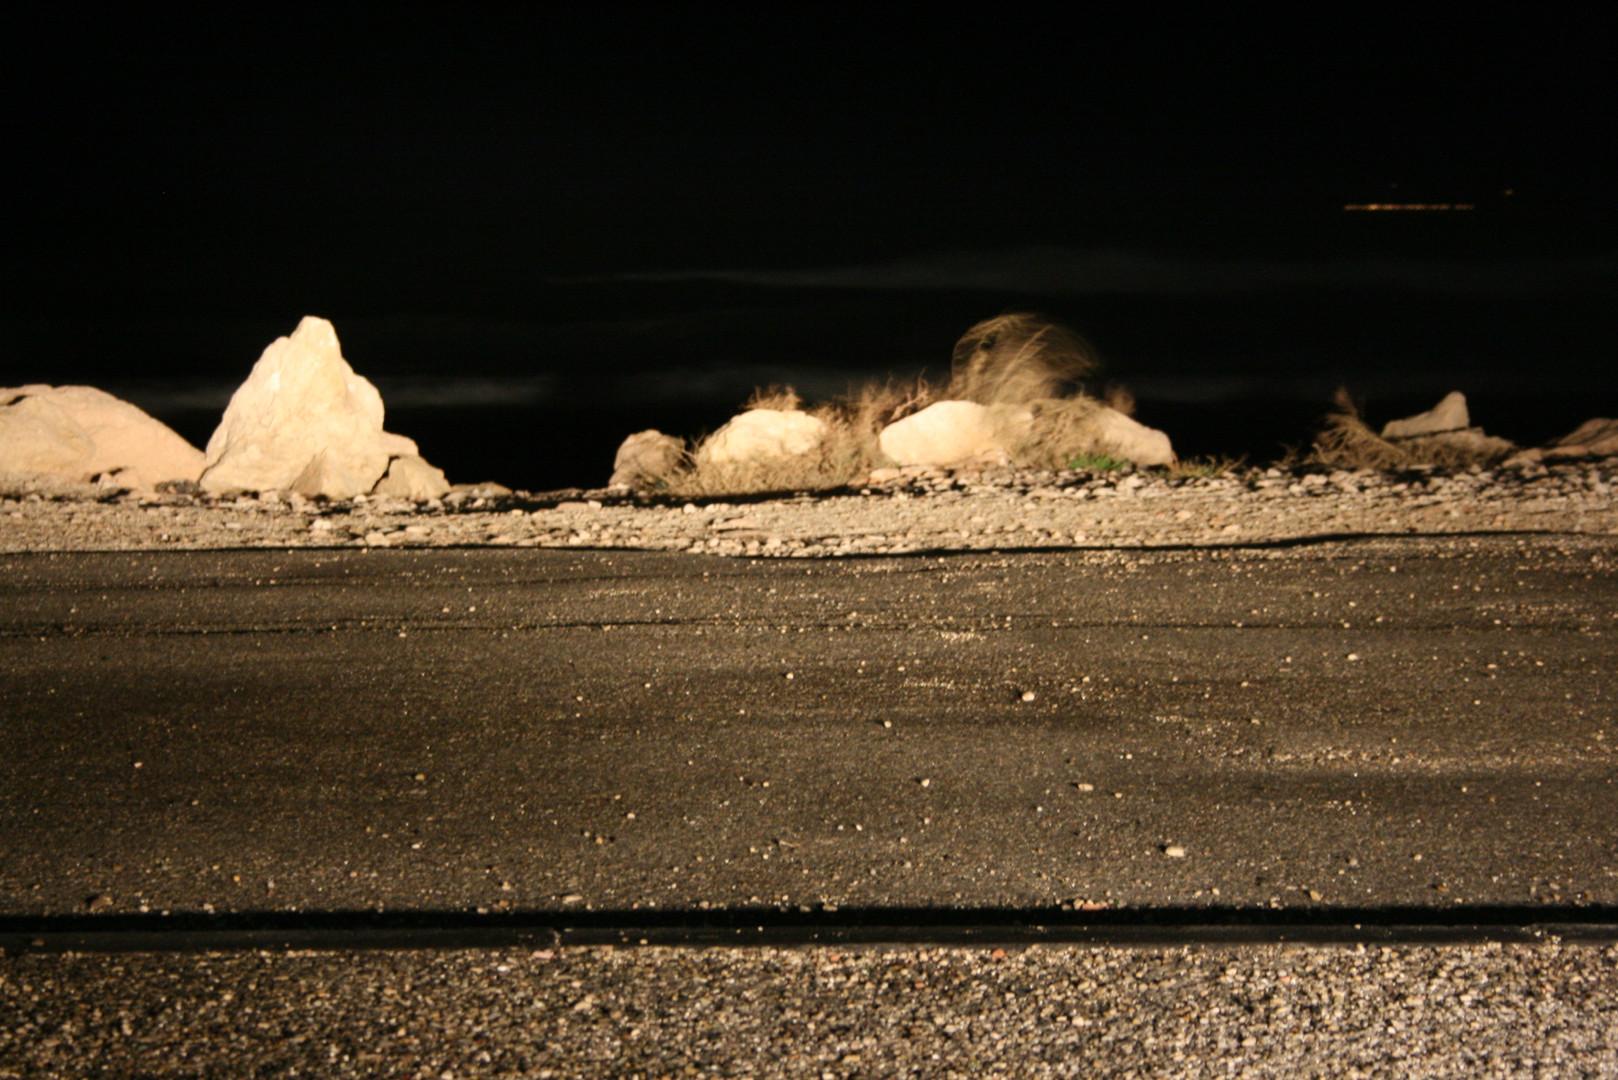 Bord de mer de nuit, roches et graviers éclairés par phares de voiture